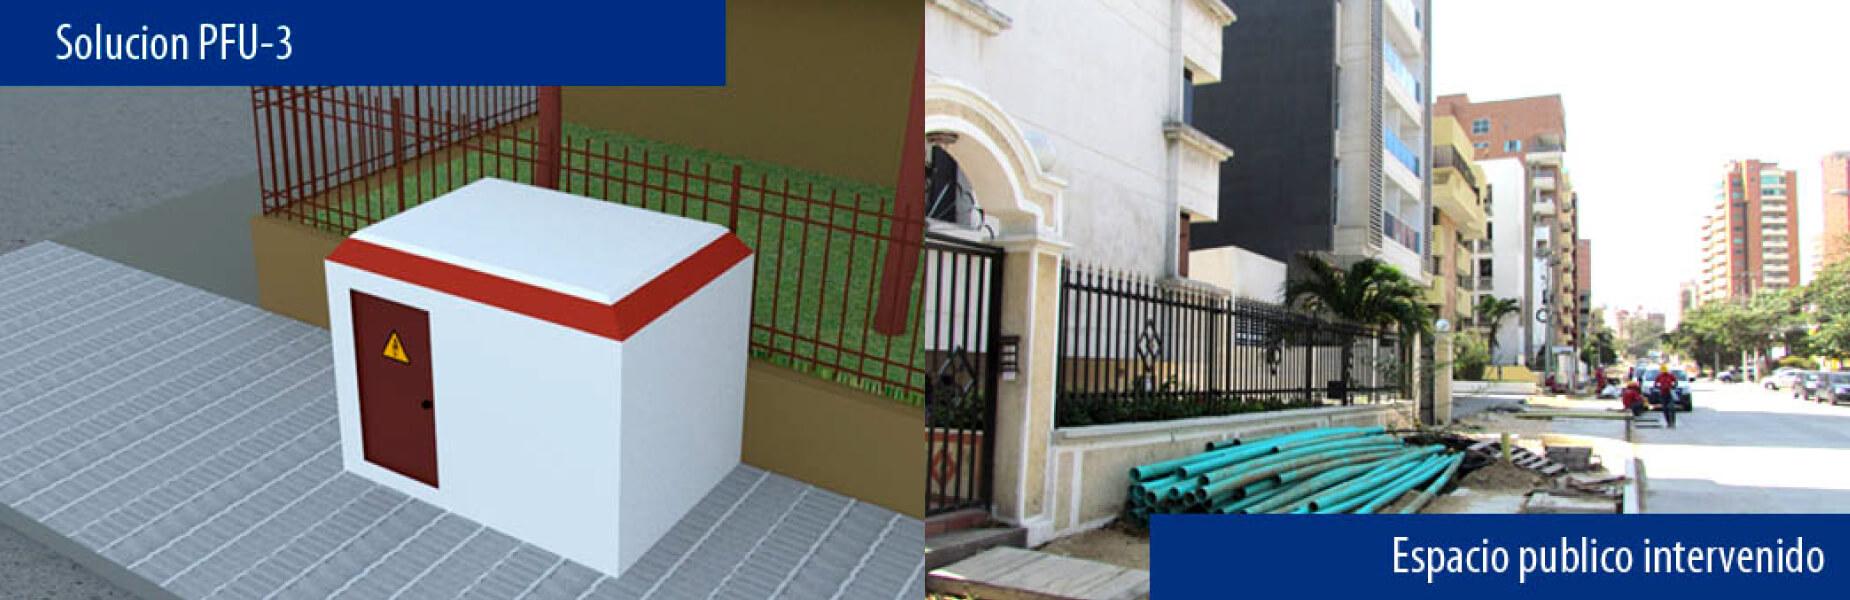 Ectricol presente en Barranquilla